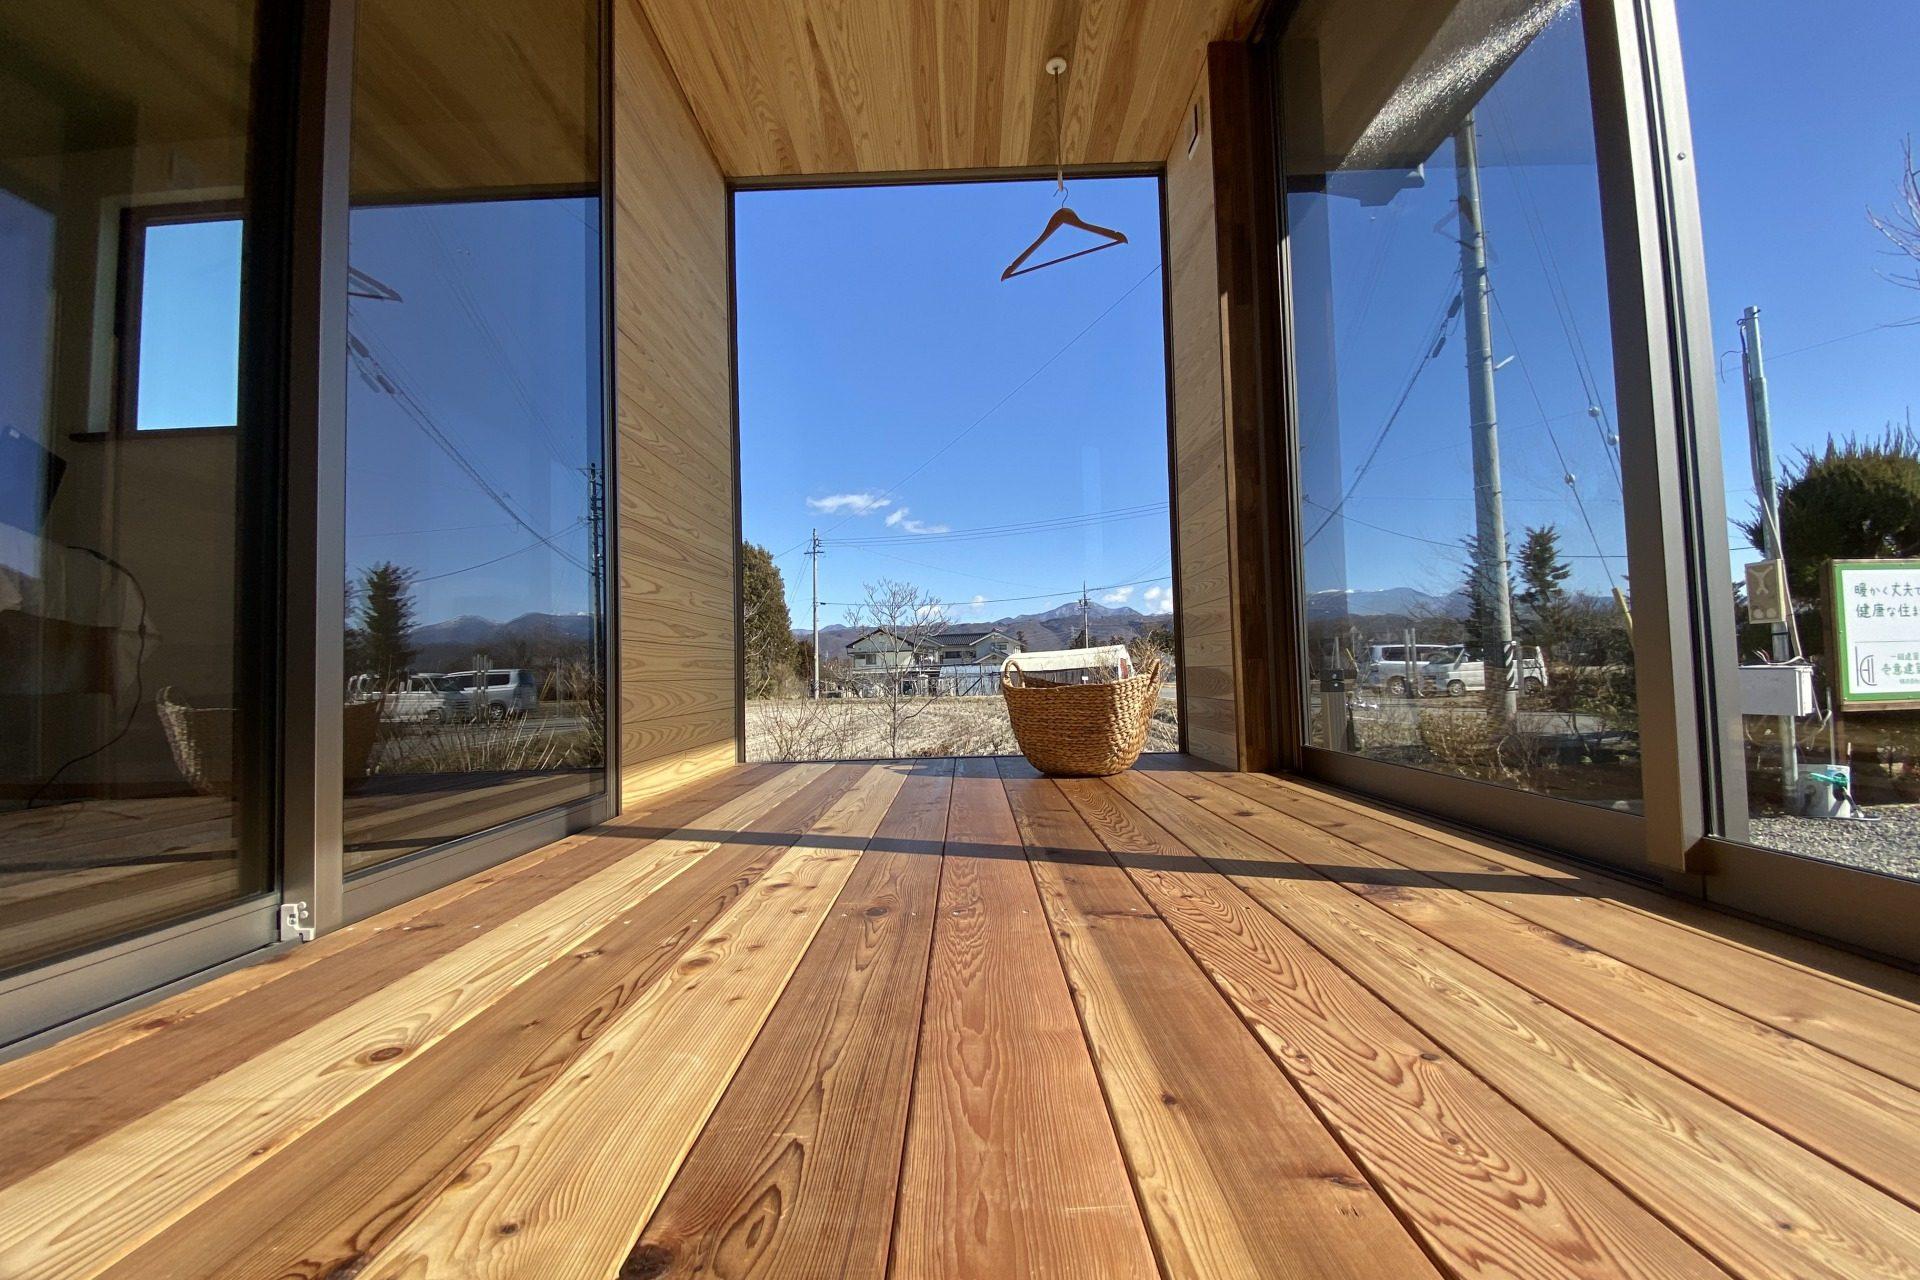 2021年1月31~2月7日開催 安曇野市豊科『北アルプスと共に』オープンハウスの画像9